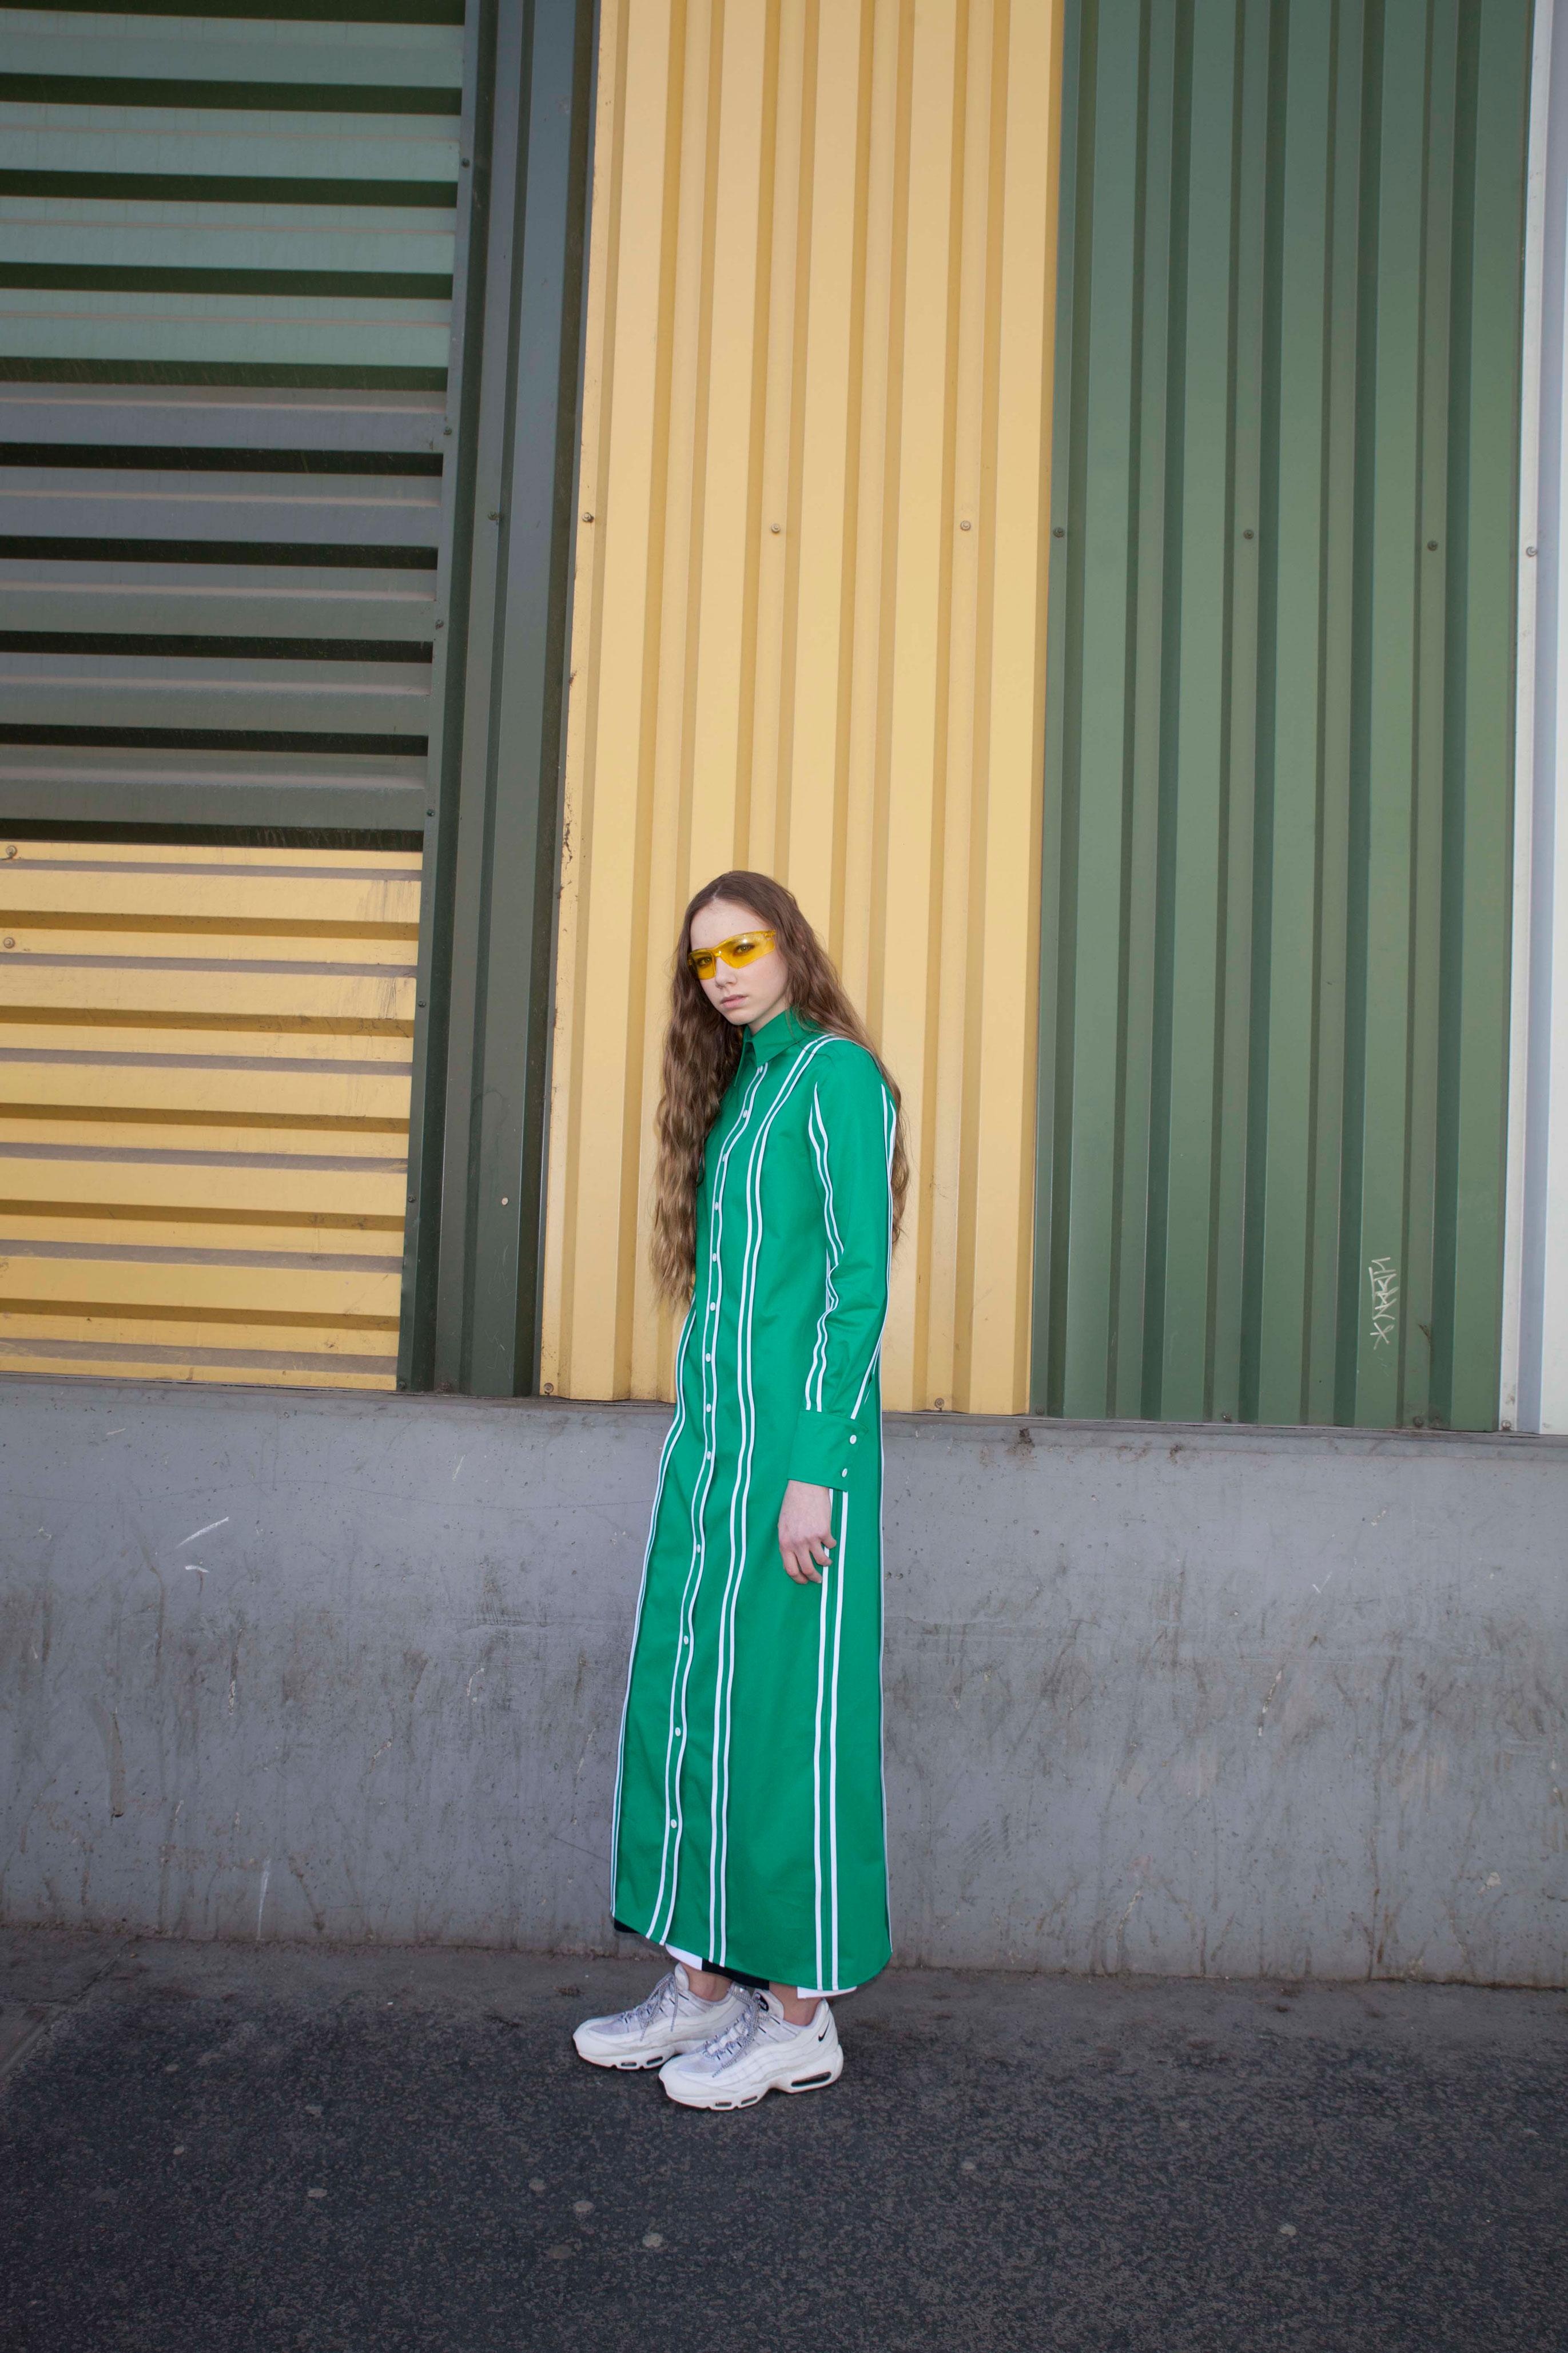 8. kép: A kelet-európai identitásra építő divatmárka, az OST